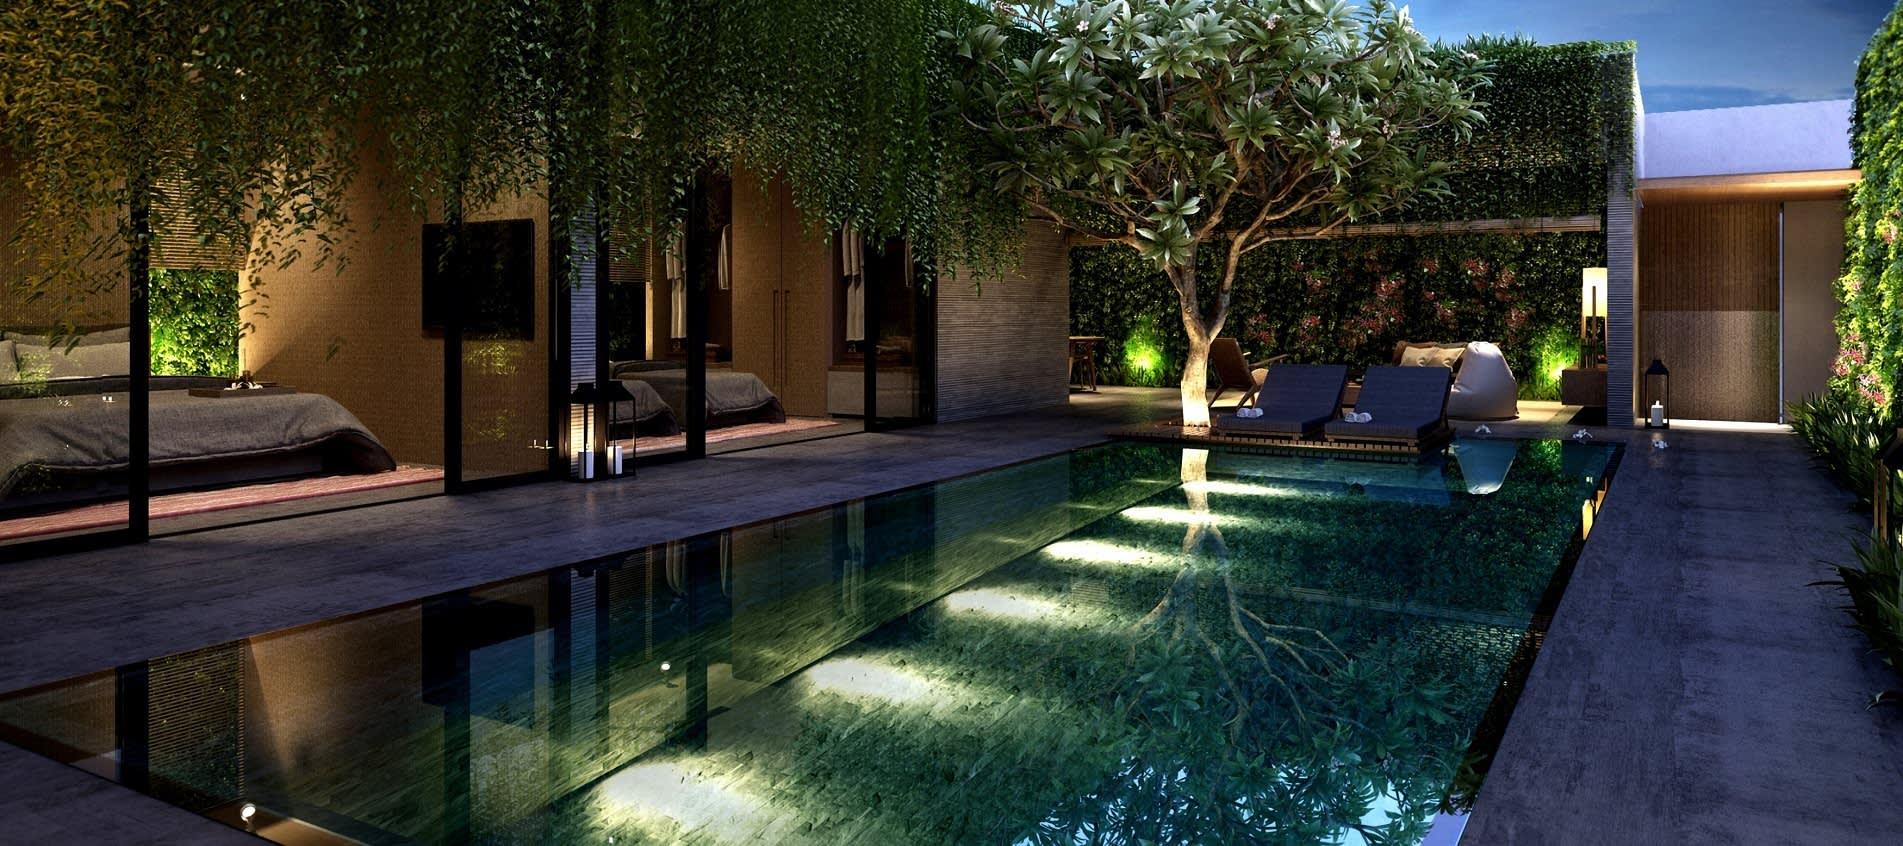 עיצוב עם תכנון בגינה פרטית